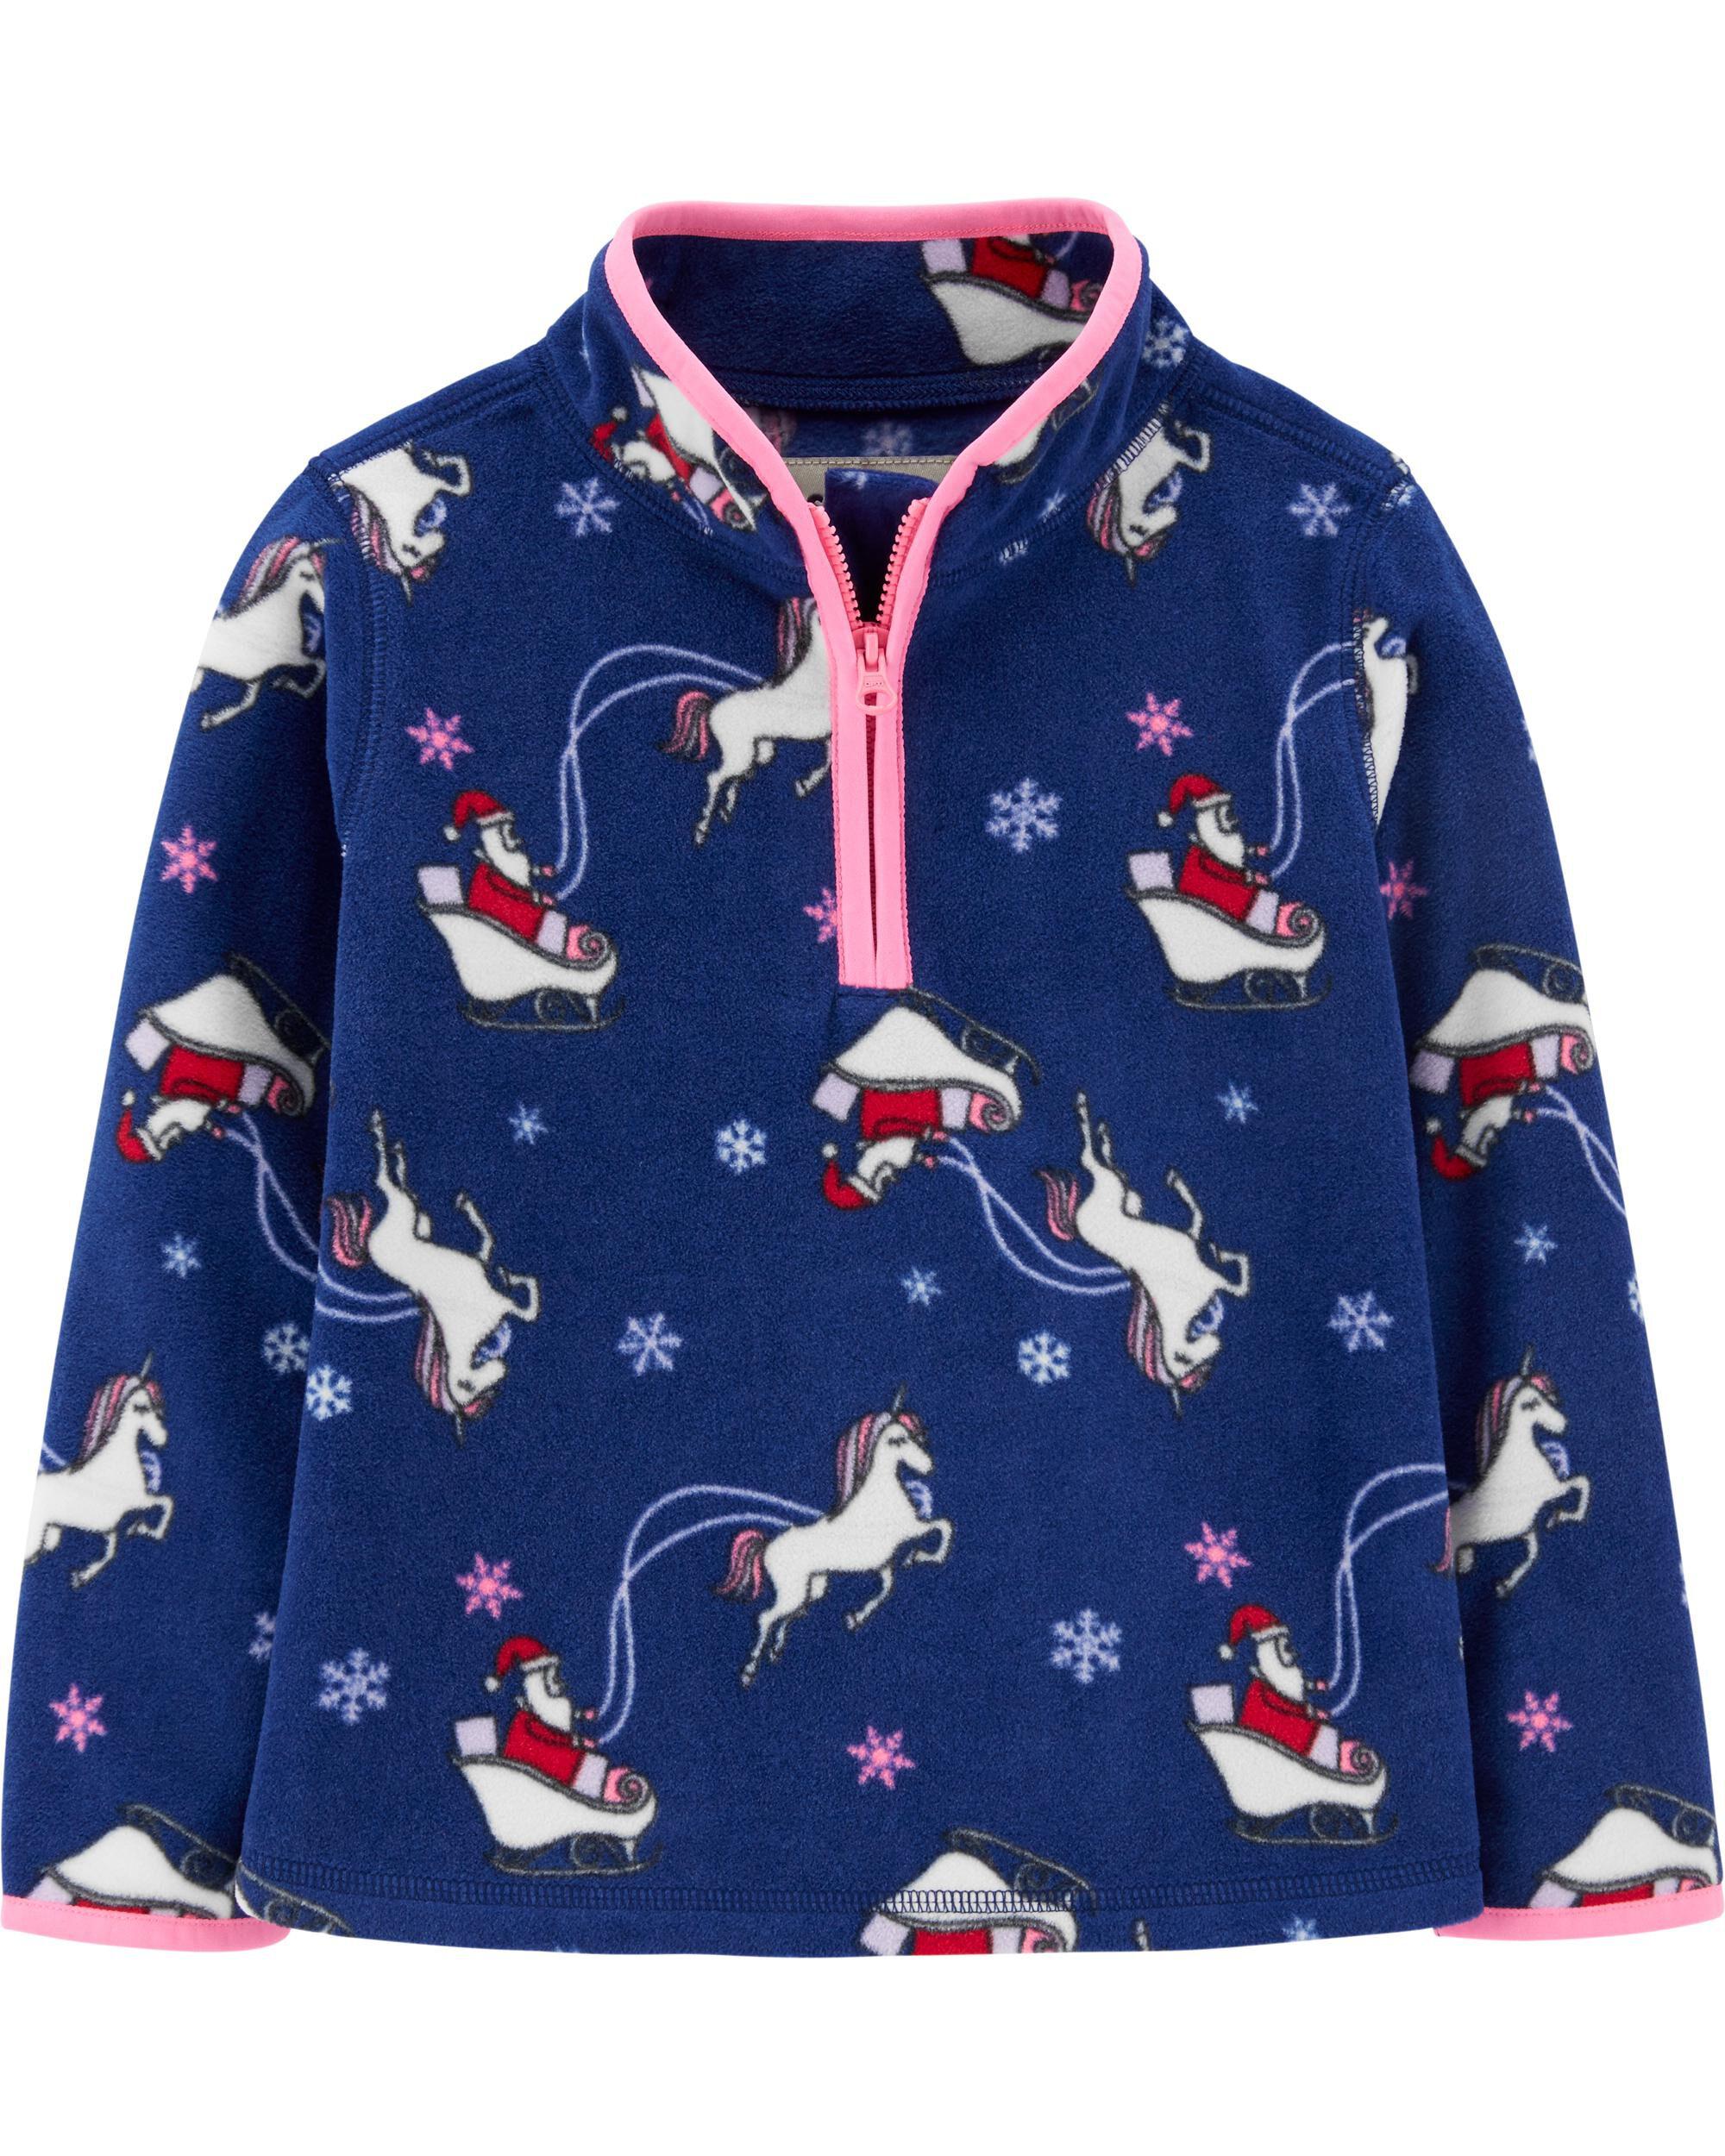 *CLEARANCE*Christmas Unicorn B'gosh Fleece Cozie